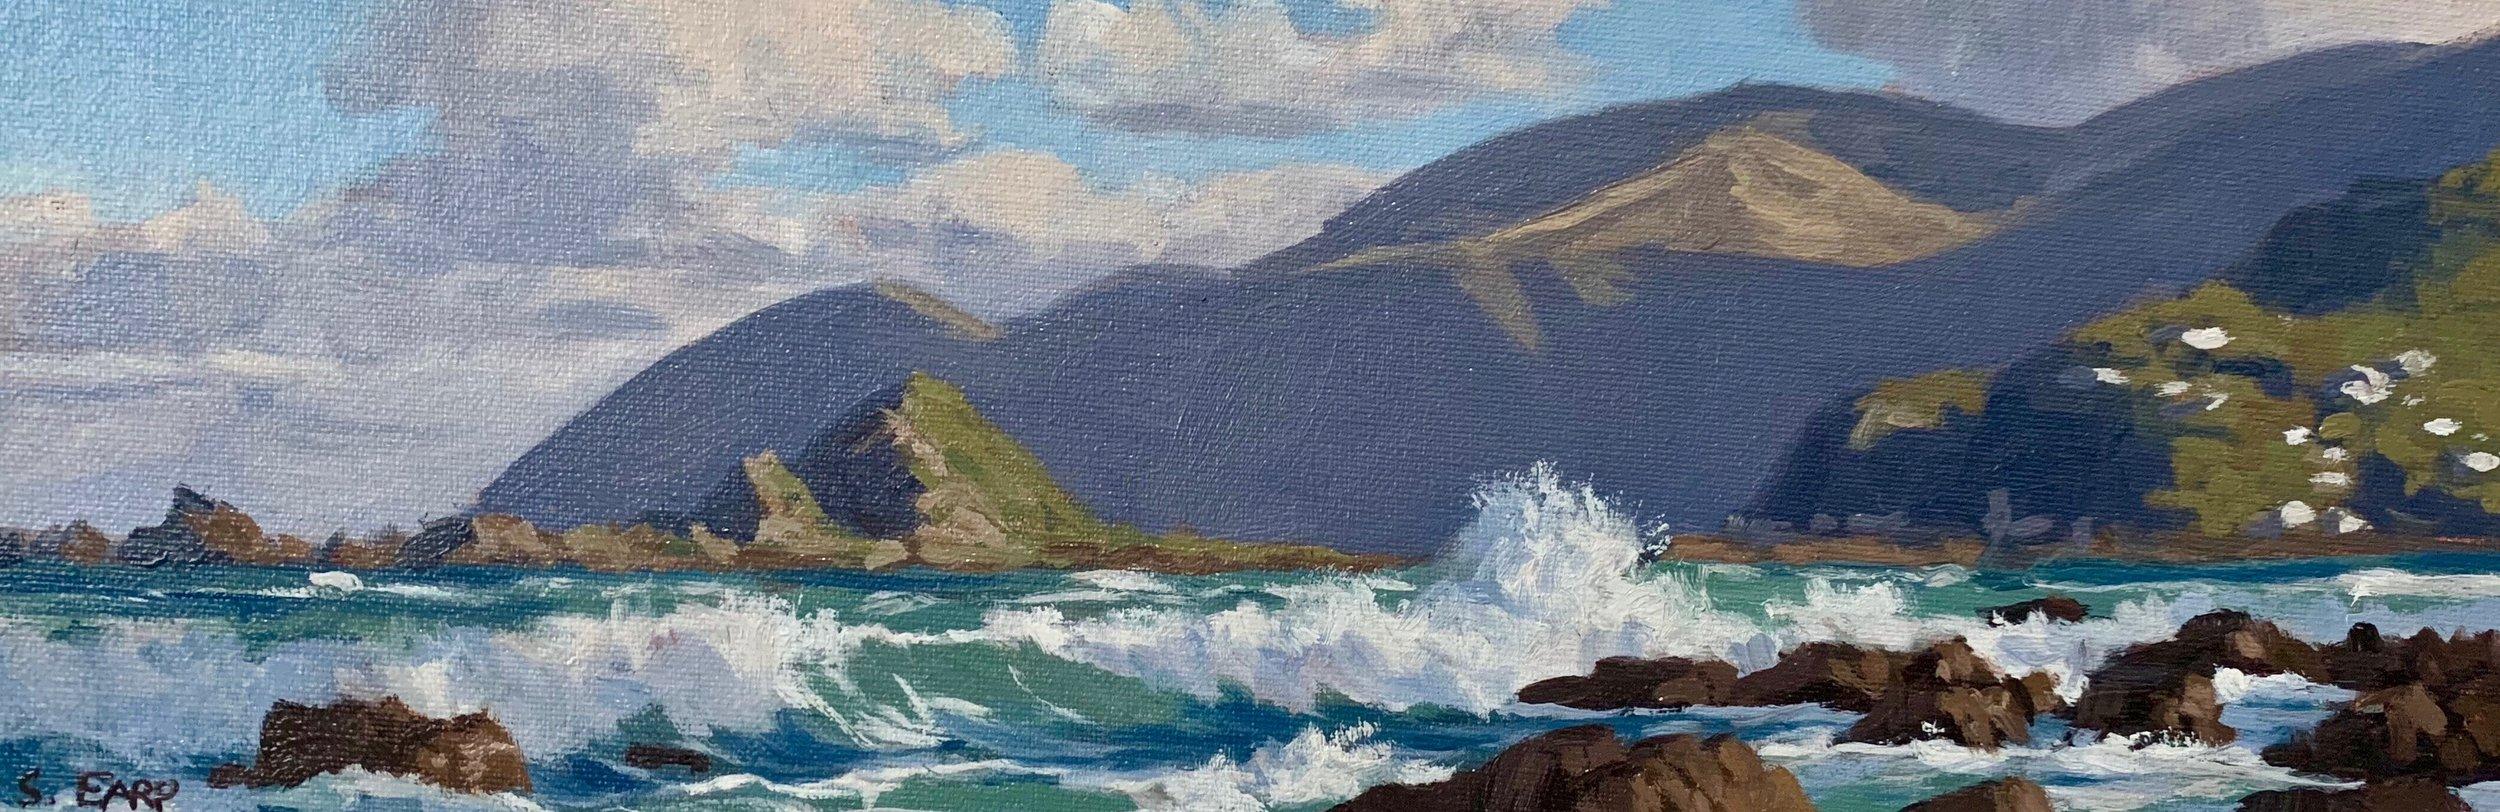 Wellington Coast - small oil painting - Samuel Earp - seascape artist 2.jpg